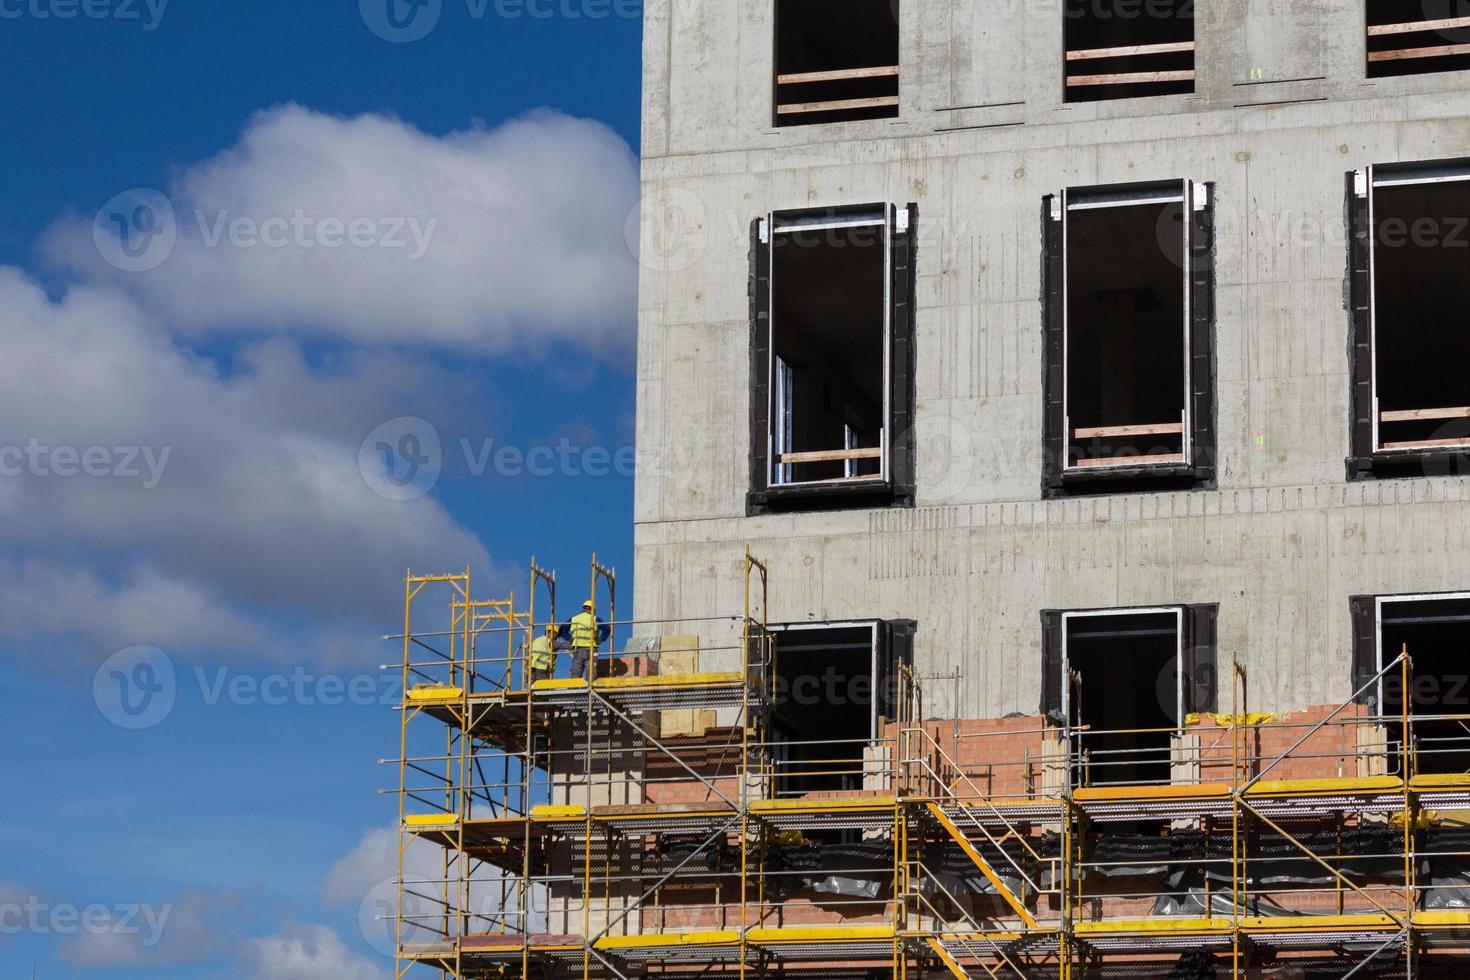 trabajadores de la construcción en andamios - construcción de fachadas constructi foto